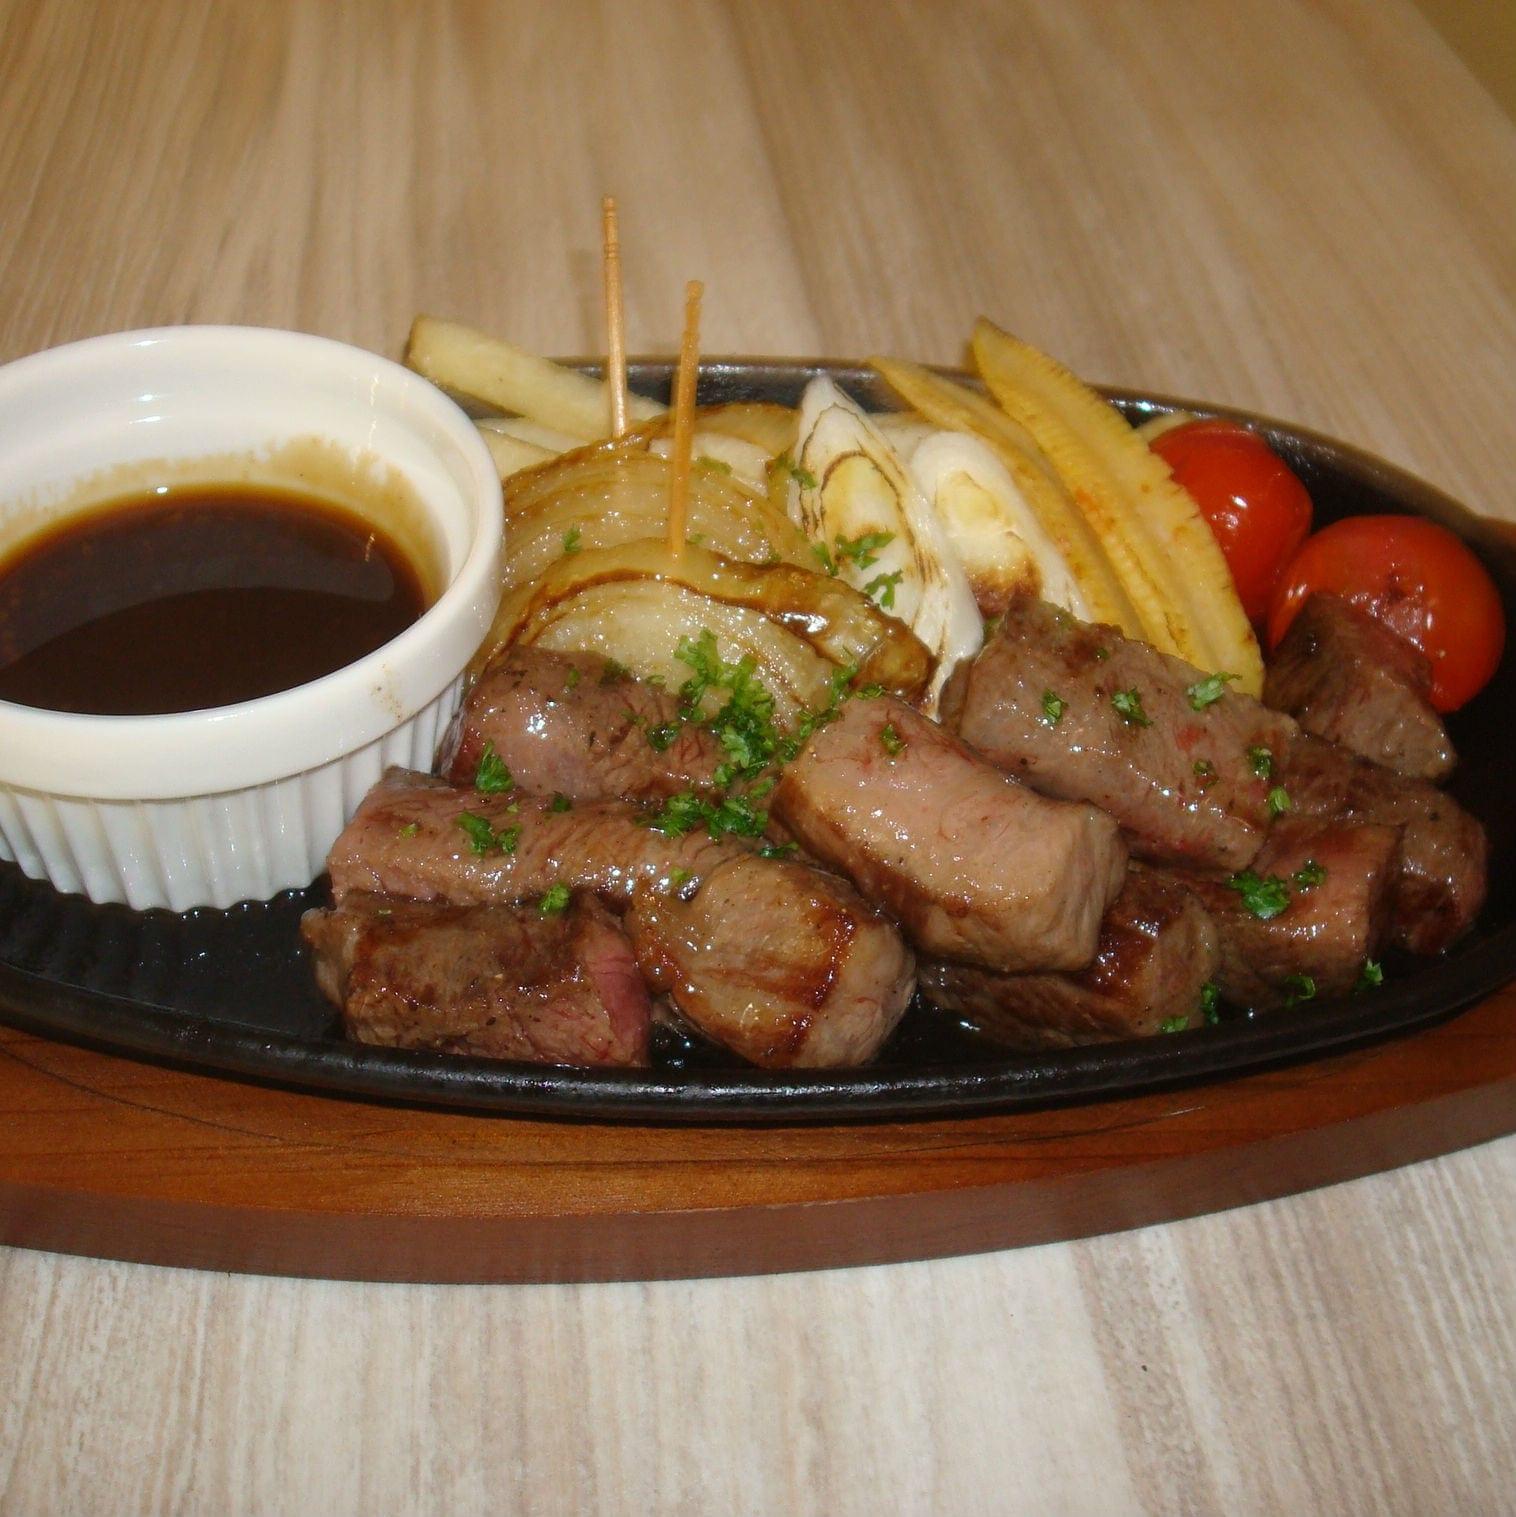 【テイクアウト限定】国産牛サイコロステーキのイメージその1